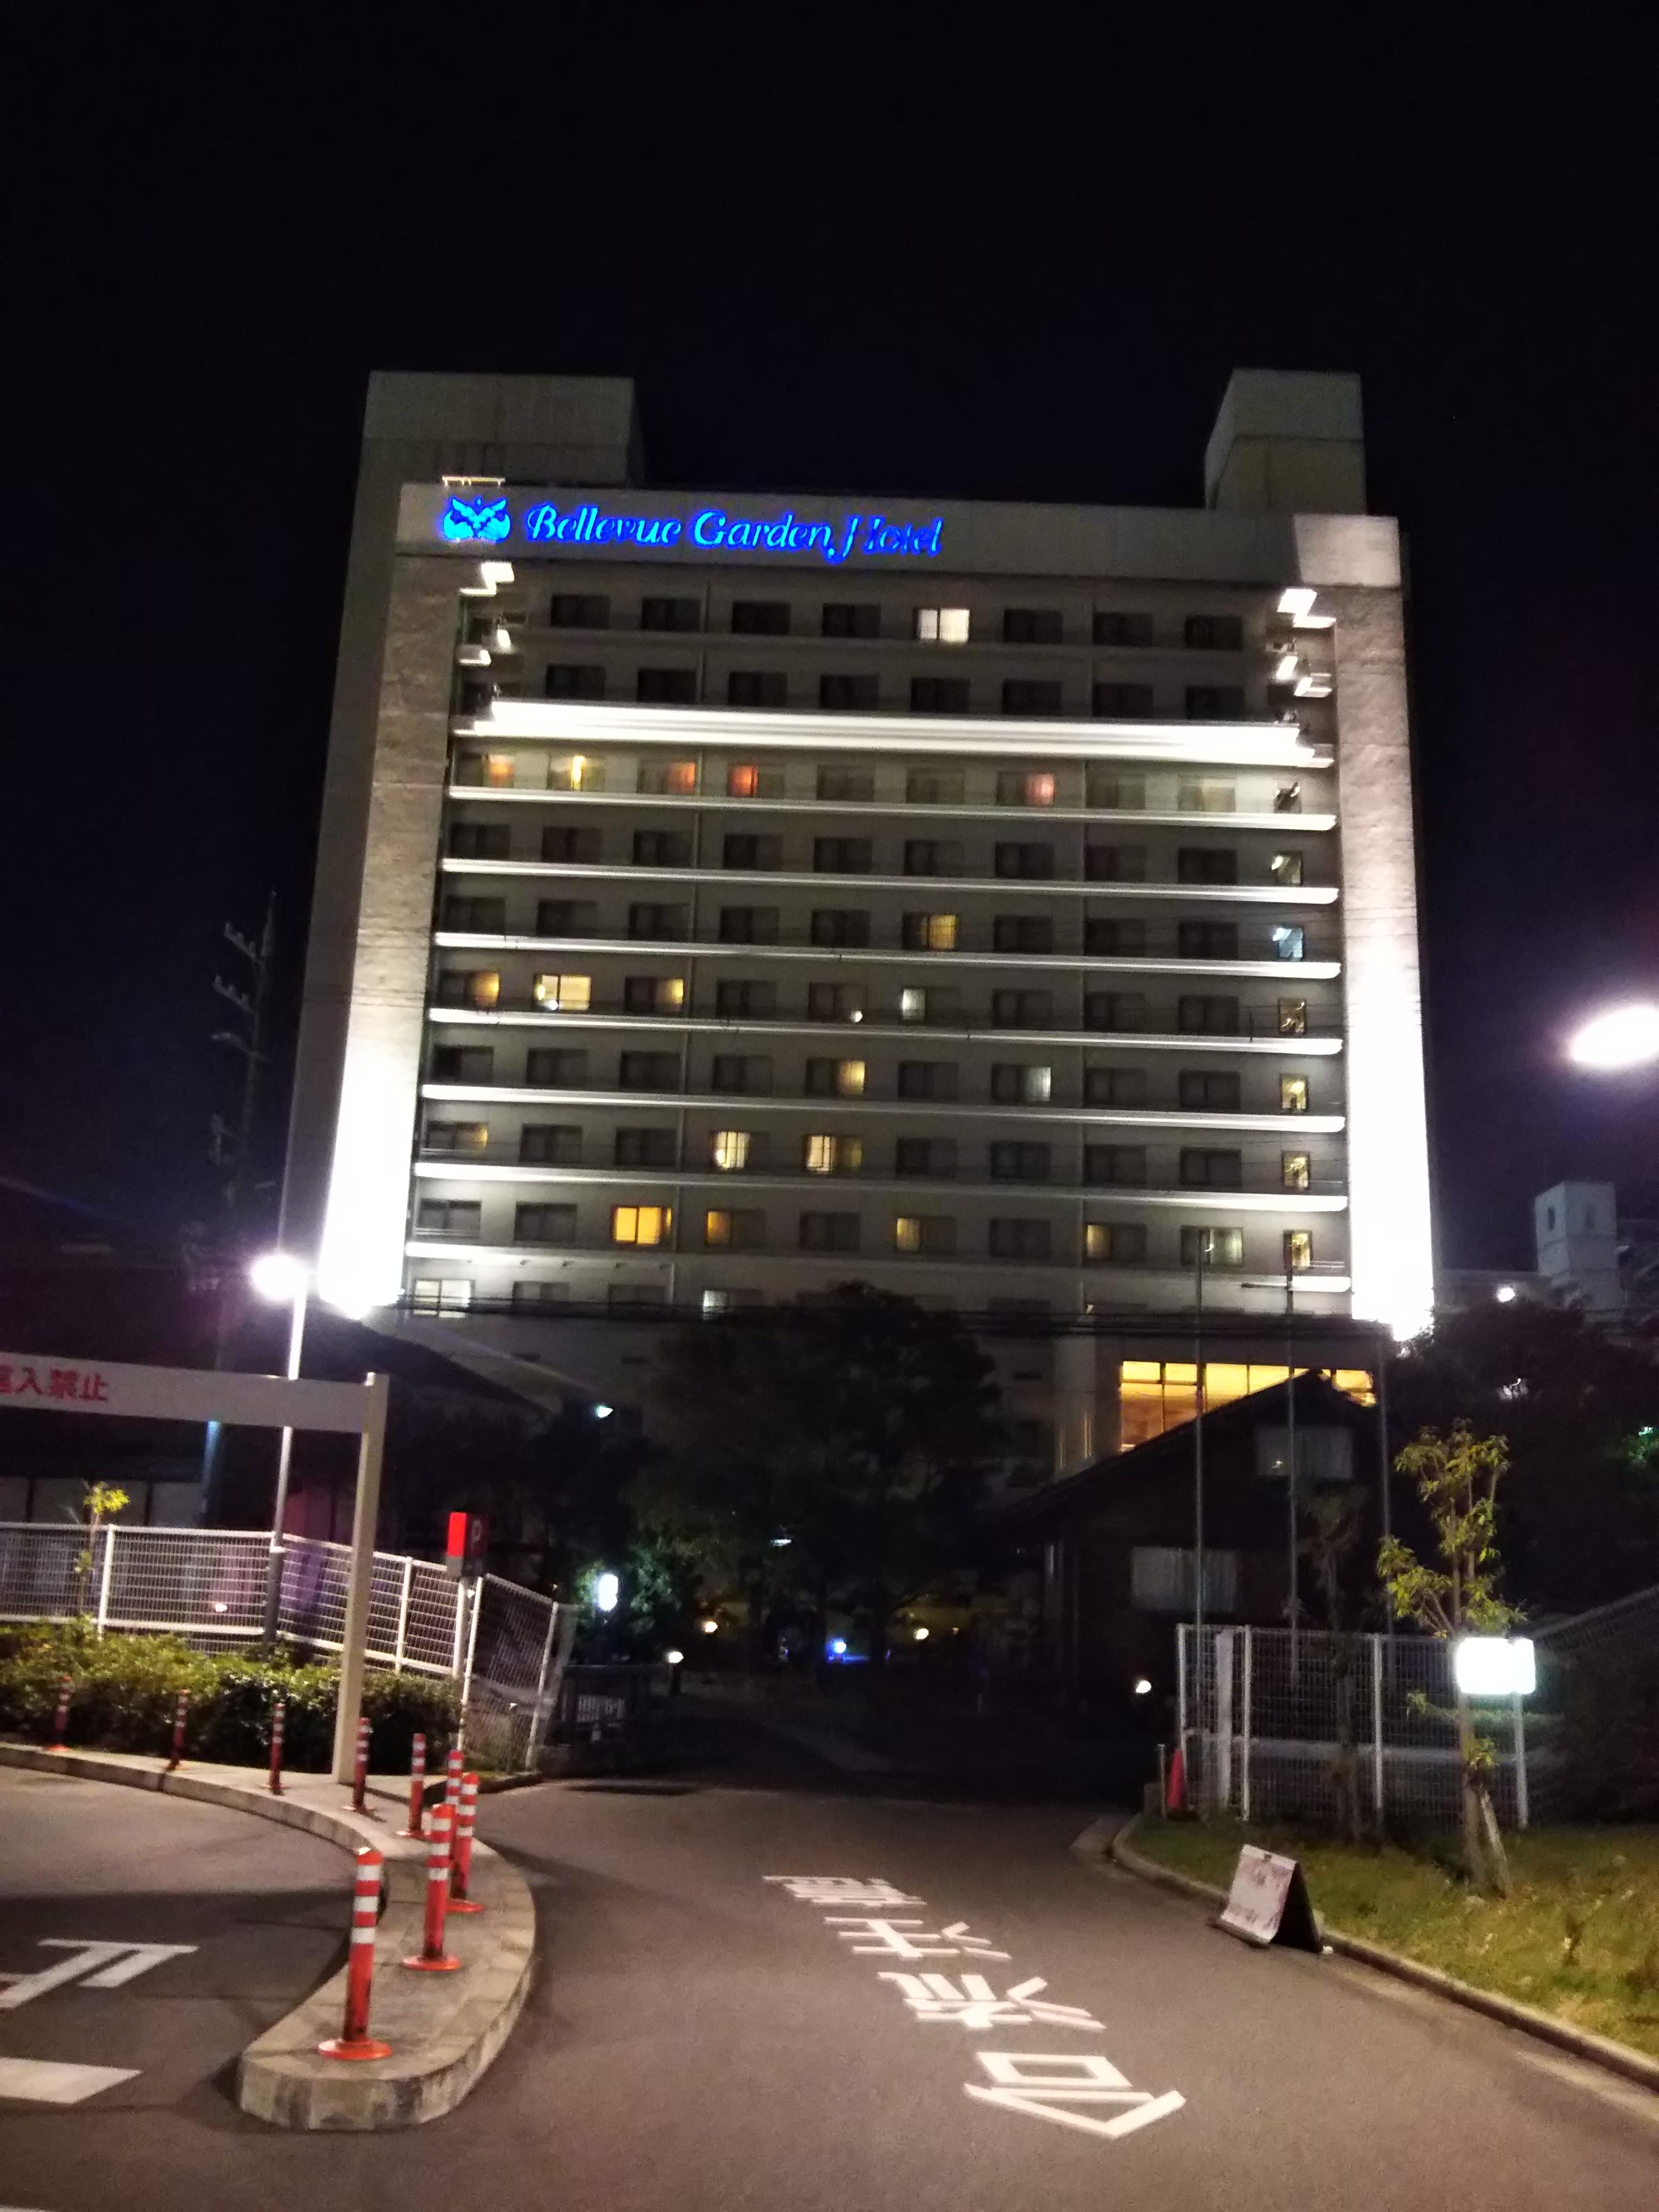 ベルビューガーデンホテル関西空港は旅行や出張に便利